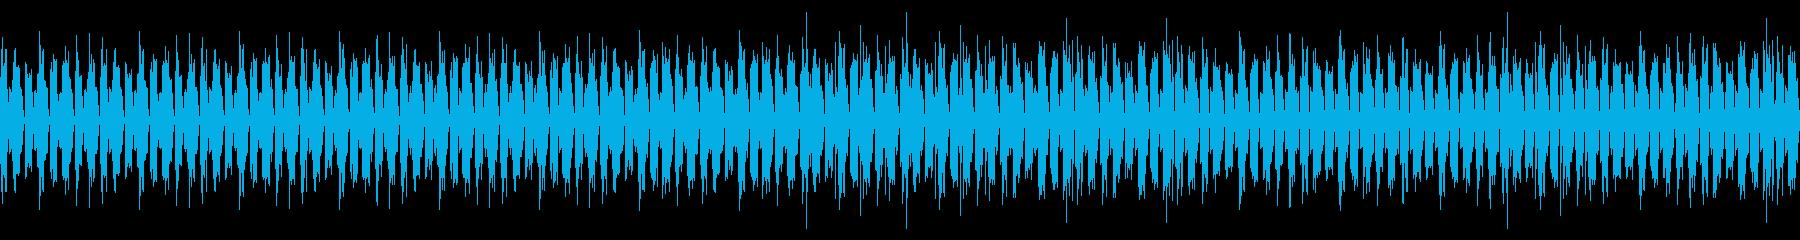 暗くて重い雰囲気のあるBGMですの再生済みの波形